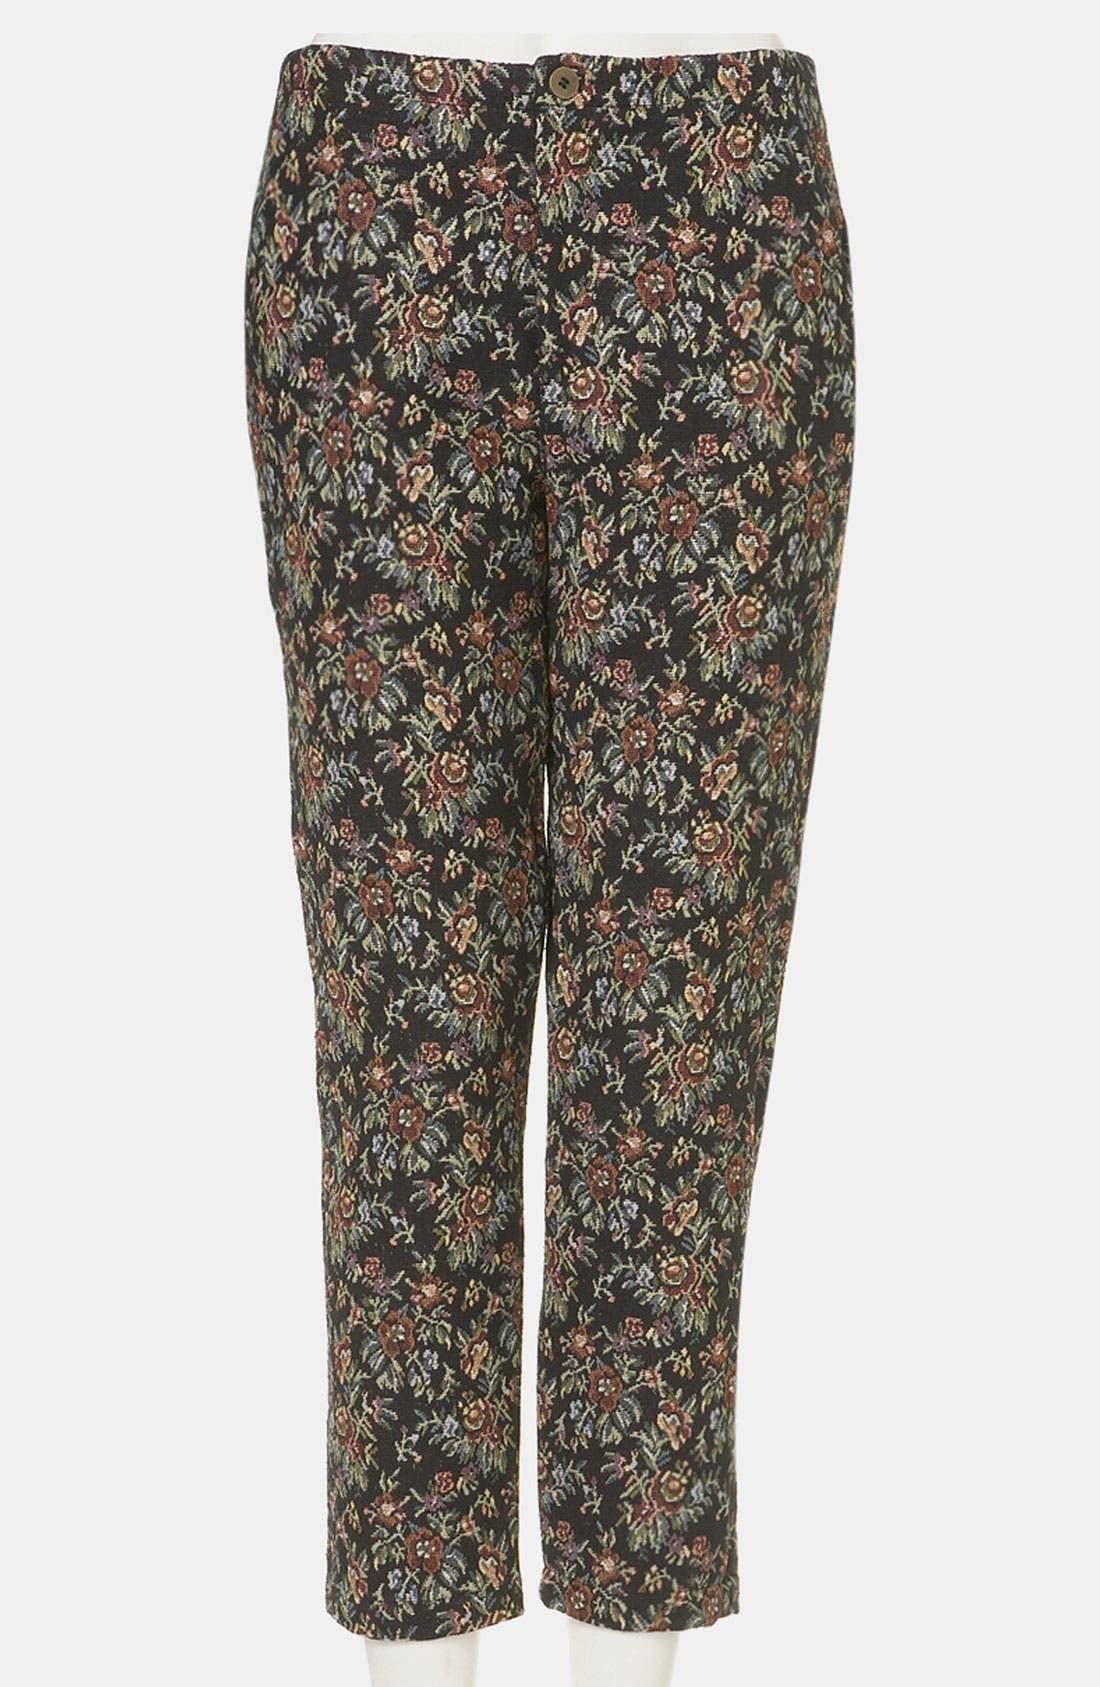 Tapestry Print Skinny Pants, Main, color, 001